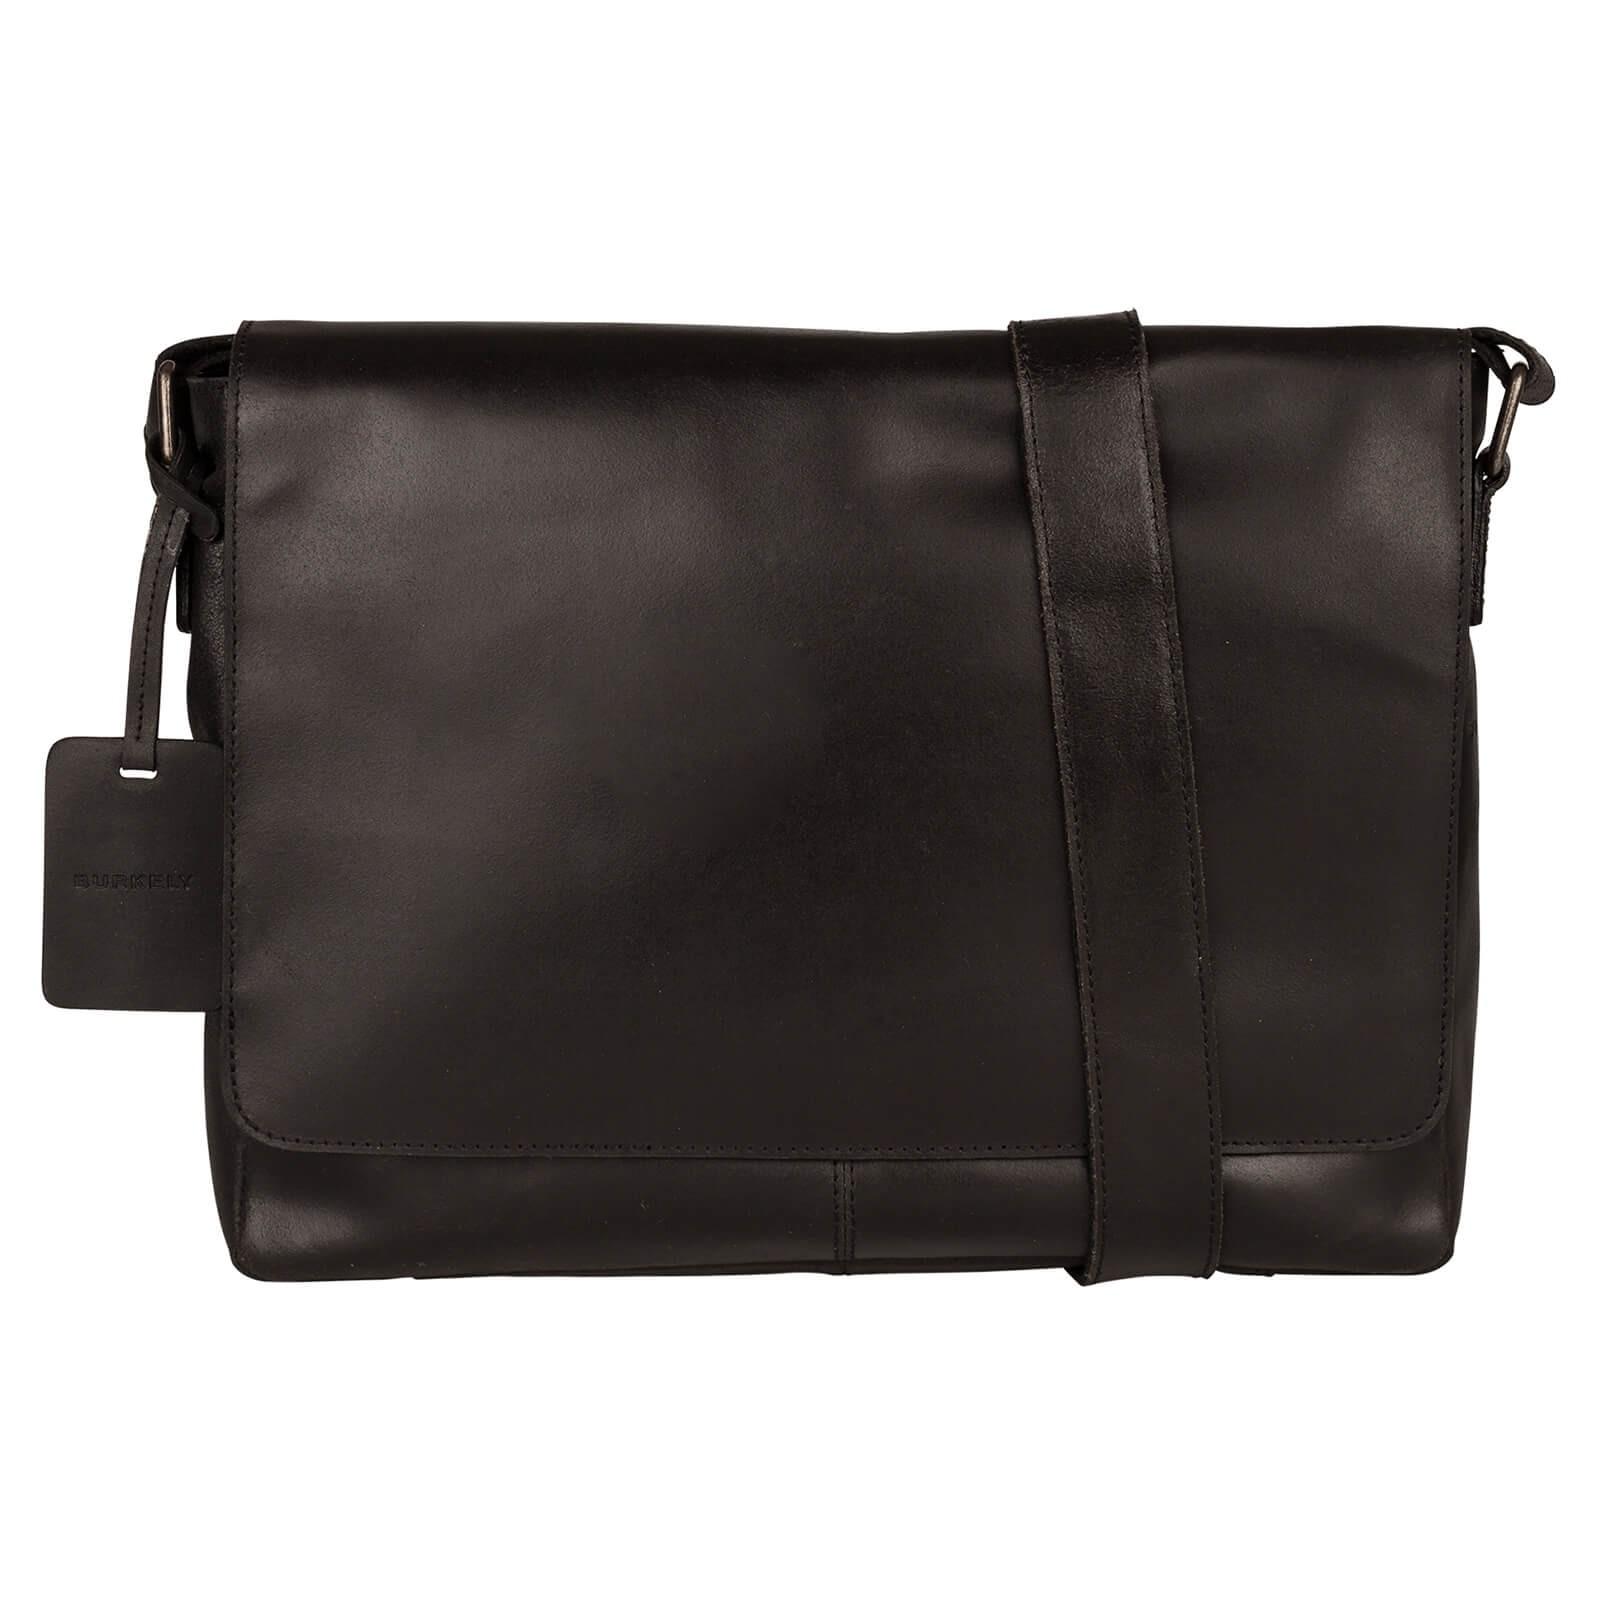 Pánska kožená taška cez rameno Burkely Juul - čierna